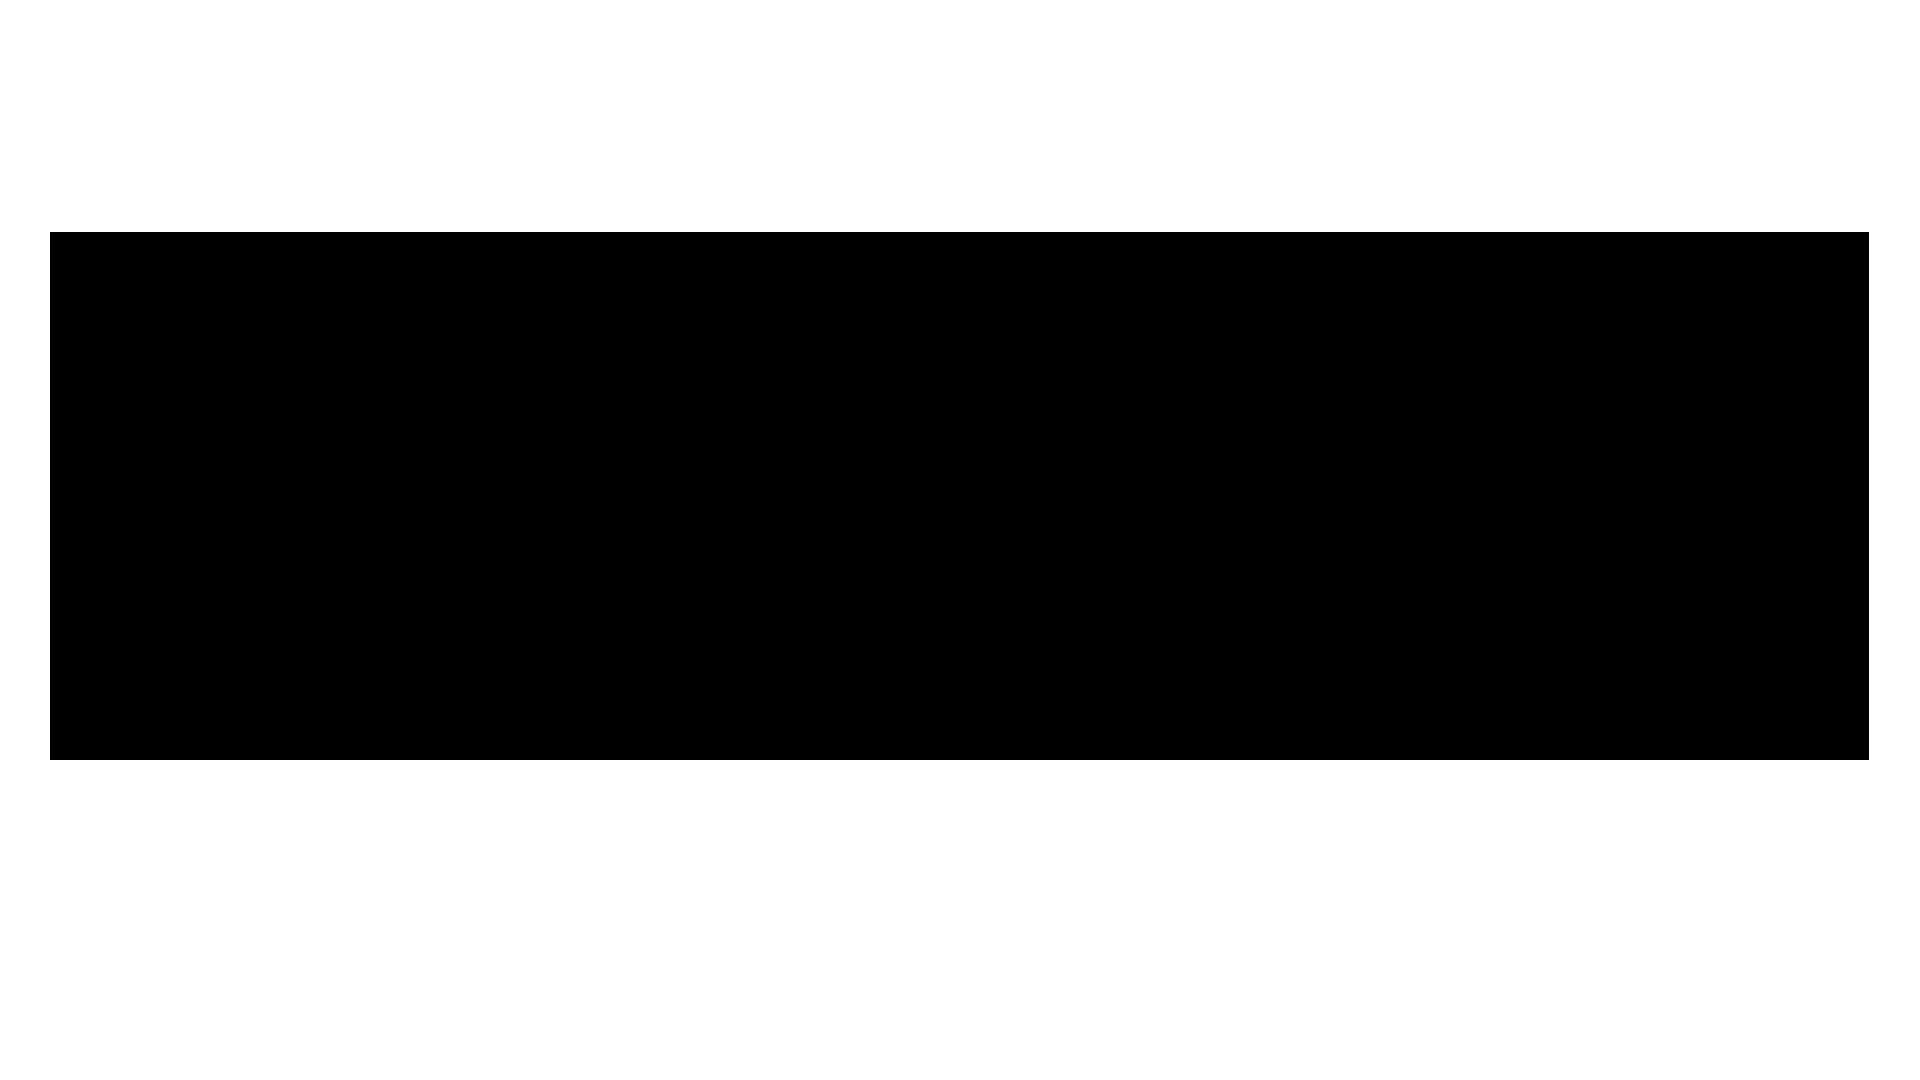 kelby guilfoyle